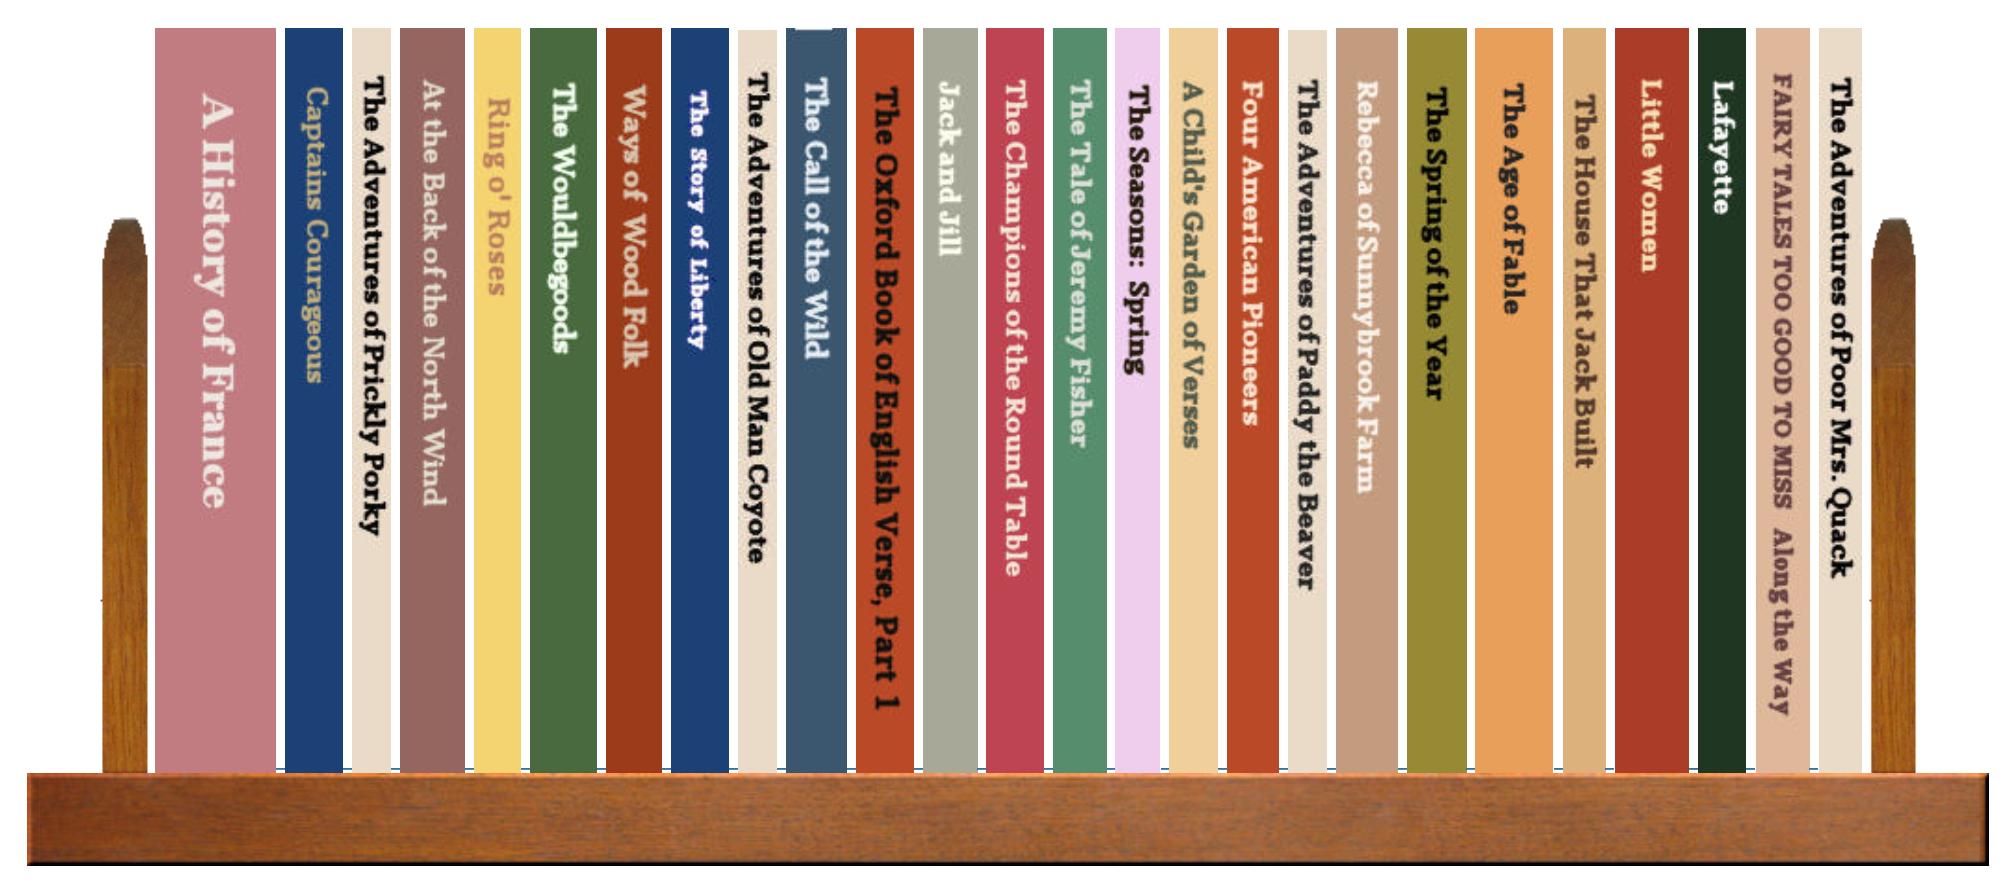 Full Shelf of Books, 1 of 4